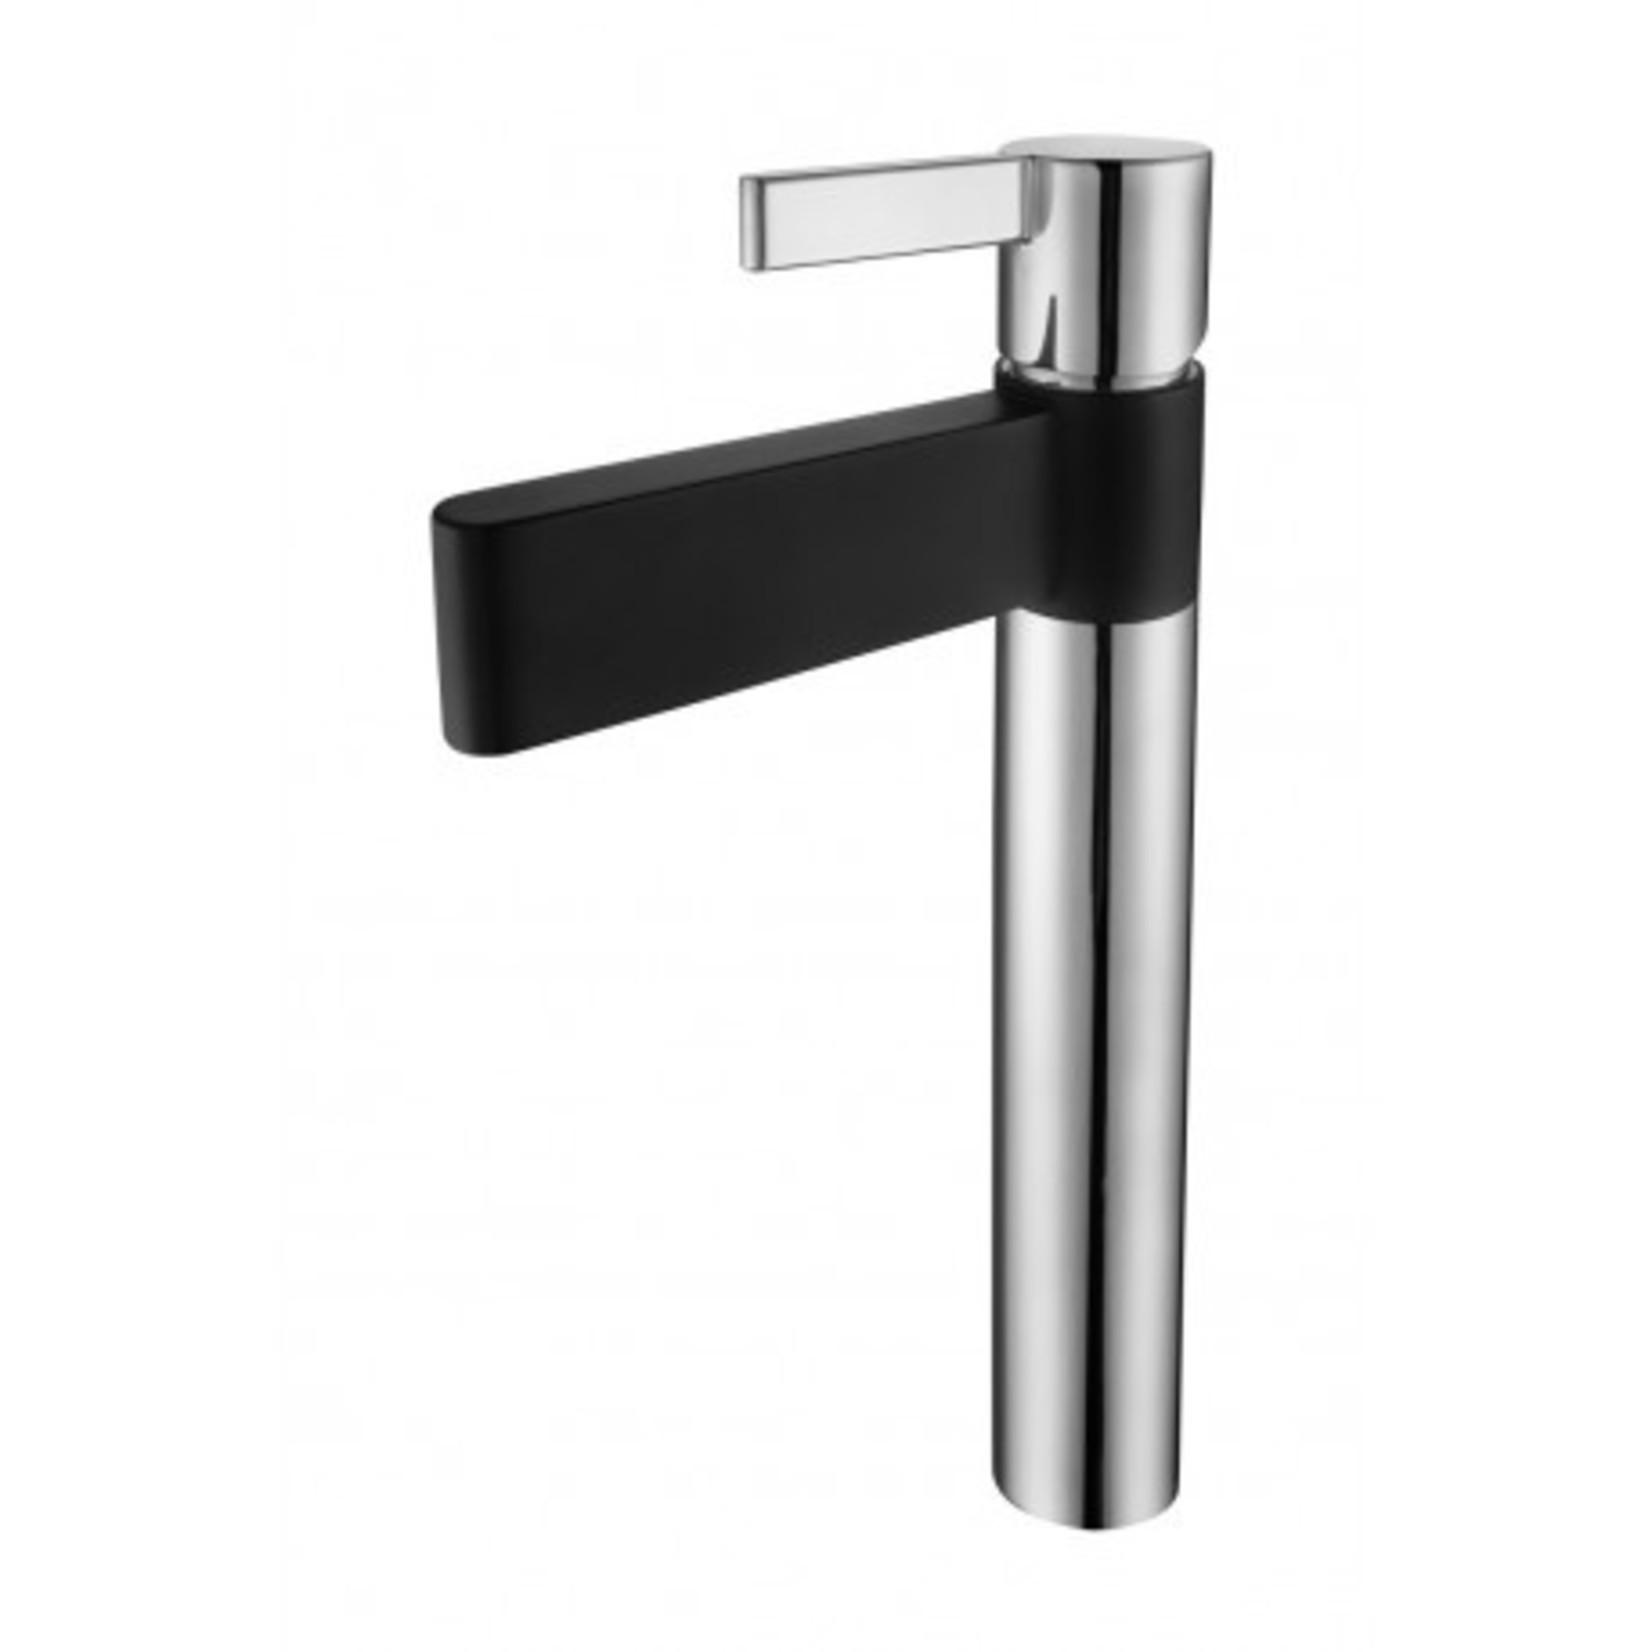 Robinet pour vasque Chrome/Noir DN-2512